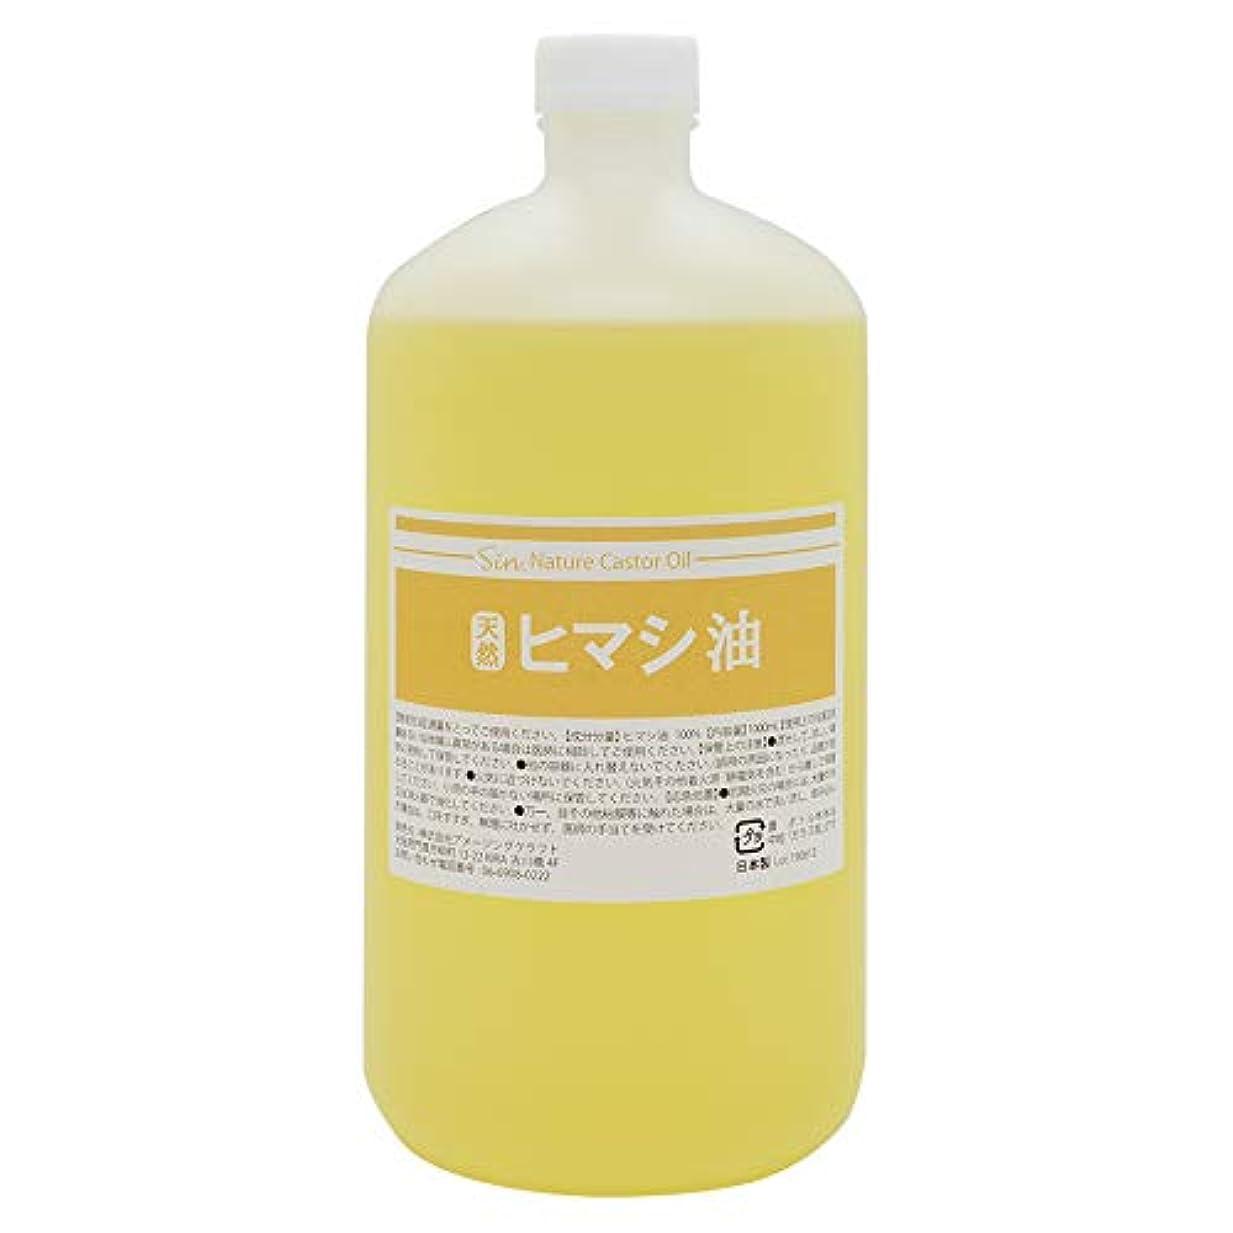 食欲暗殺軽天然無添加 国内精製 ひまし油 1000ml (ヒマシ油 キャスターオイル)